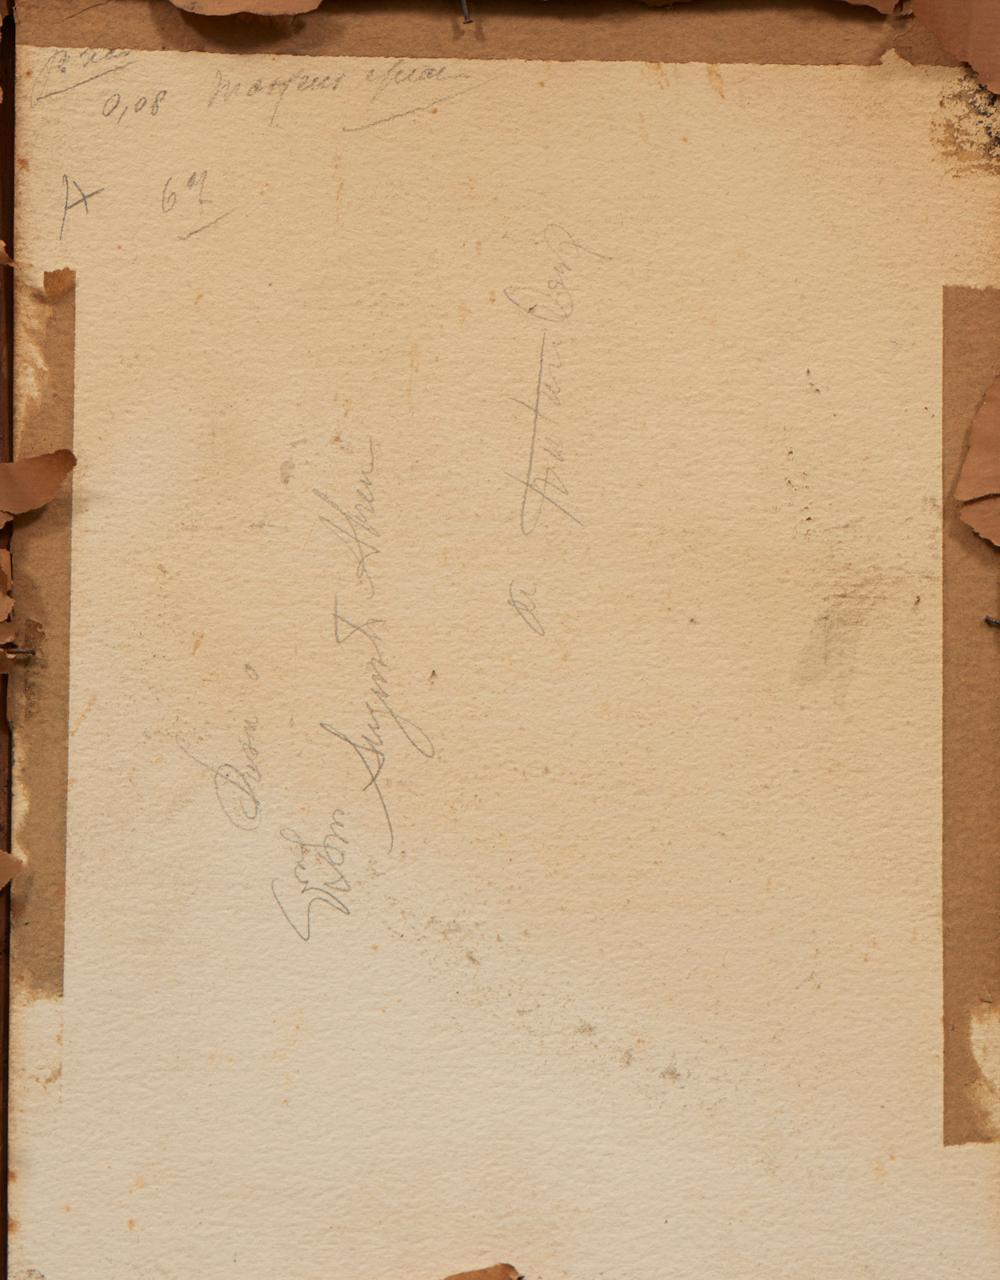 ANTÓNIO CRUZ, aguarela s/papel,31 x 23,5 cm.